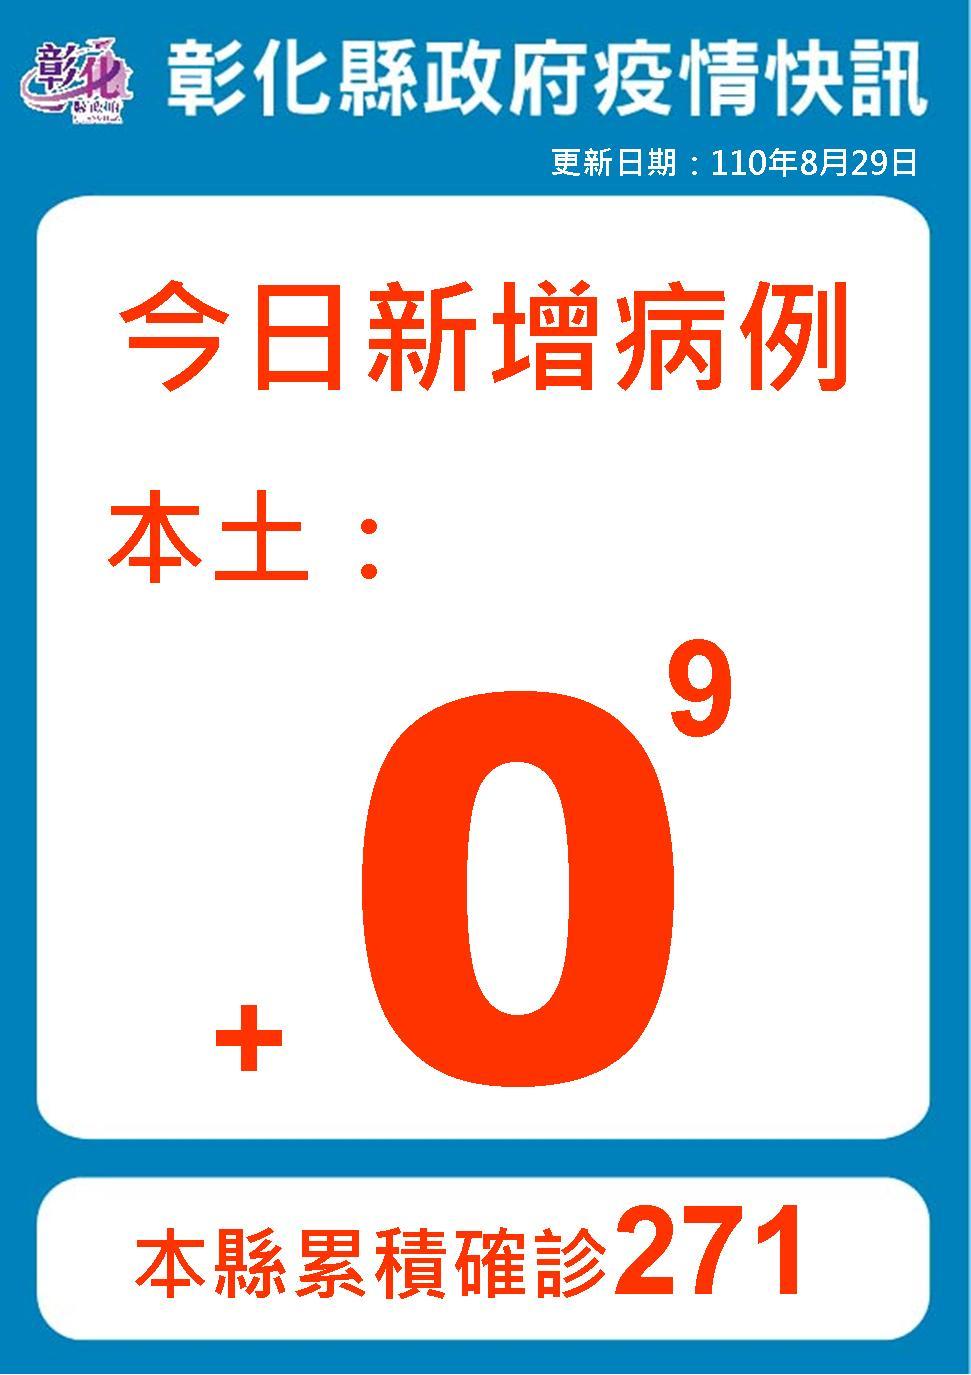 8月29日防疫說明連續第9天+0 防疫仍不能鬆懈